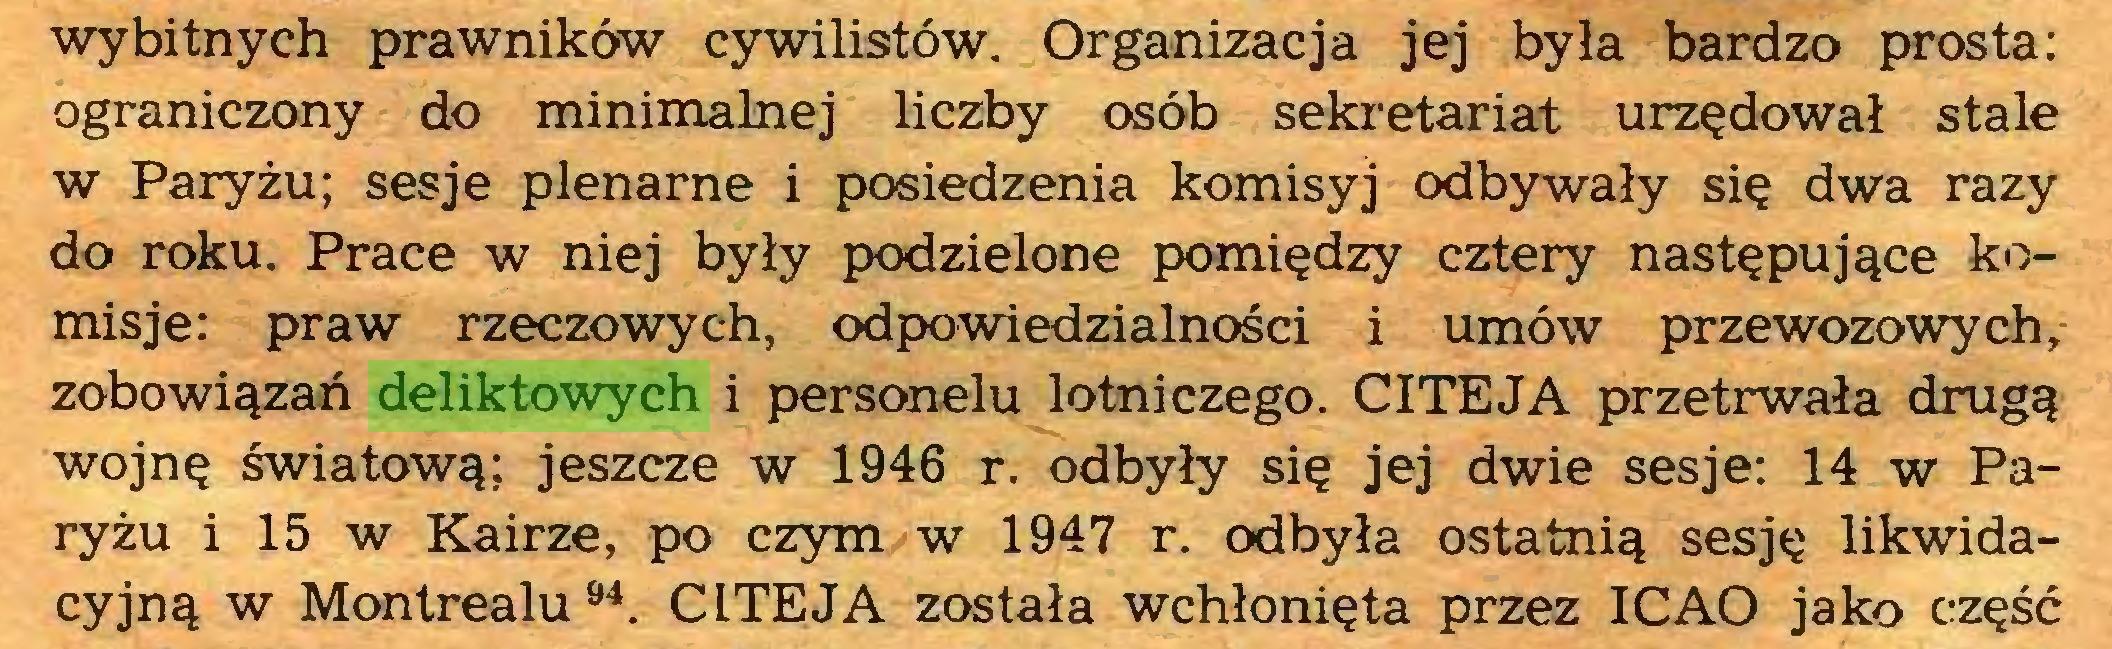 (...) wybitnych prawników cywilistów. Organizacja jej była bardzo prosta: ograniczony do minimalnej liczby osób sekretariat urzędował stale w Paryżu; sesje plenarne i posiedzenia komisyj odbywały się dwa razy do roku. Prace w niej były podzielone pomiędzy cztery następujące komisje: praw rzeczowych, odpowiedzialności i umów przewozowych, zobowiązań deliktowych i personelu lotniczego. CITEJA przetrwała drugą wojnę światową; jeszcze w 1946 r. odbyły się jej dwie sesje: 14 w Paryżu i 15 w Kairze, po czym w 1947 r. odbyła ostatnią sesję likwidacyjną w Montrealu94. CLTEJA została wchłonięta przez ICAO jako część...